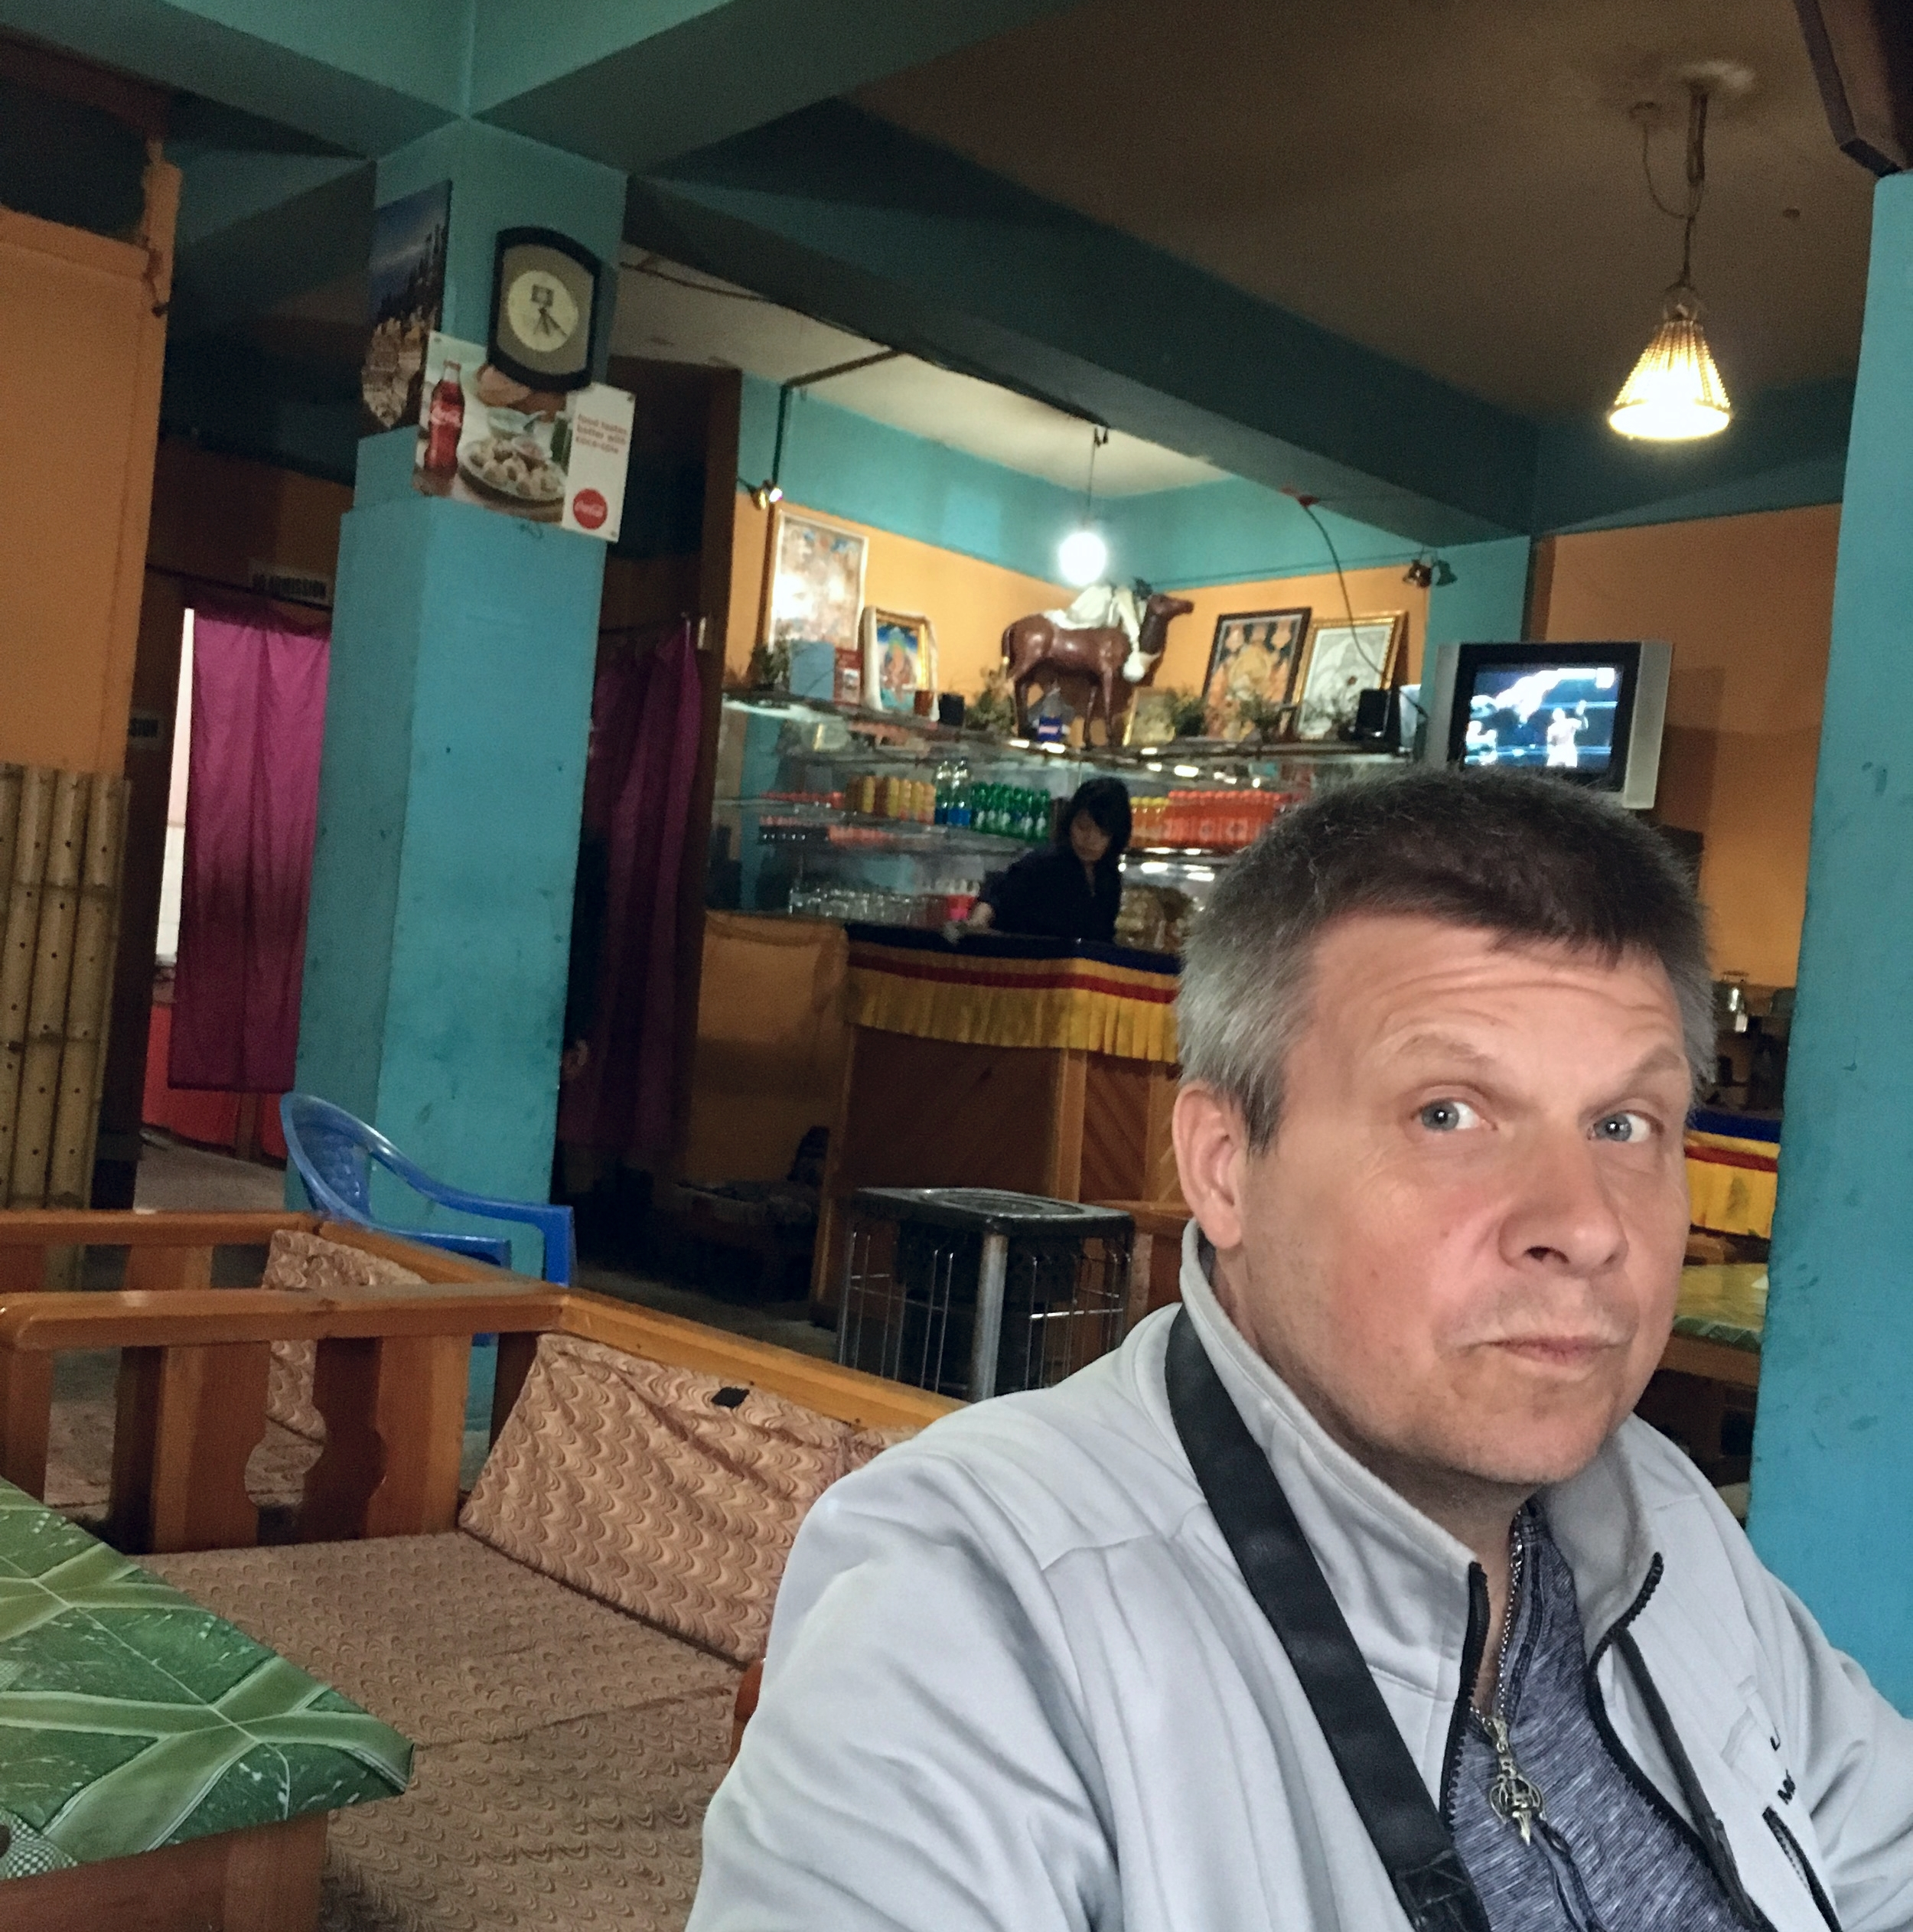 Baari ja baarin asiakas P. Puhakka